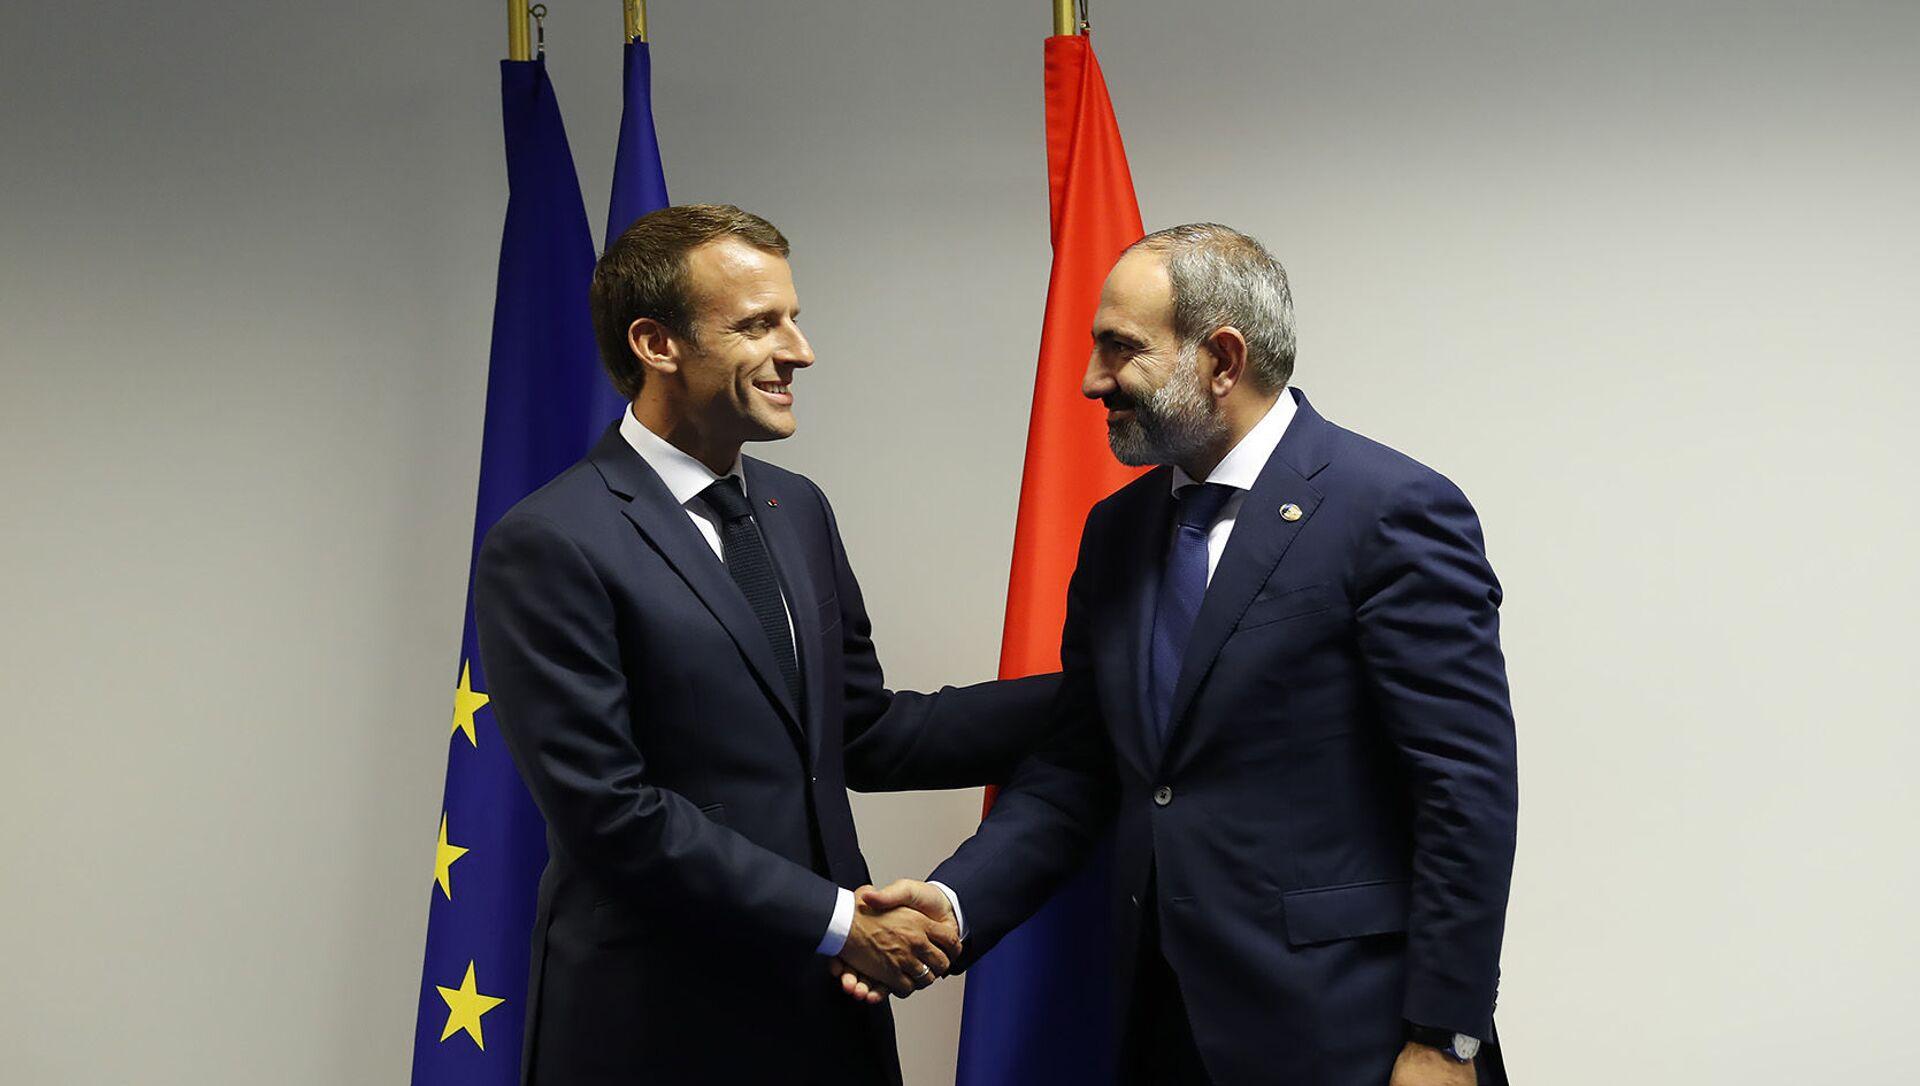 Встреча премьер-министра Армении Никола Пашиняна и Президента Франции Эммануэля Макрона в рамках саммита НАТО (11 июля 2018). Брюссель - Sputnik Արմենիա, 1920, 14.05.2021